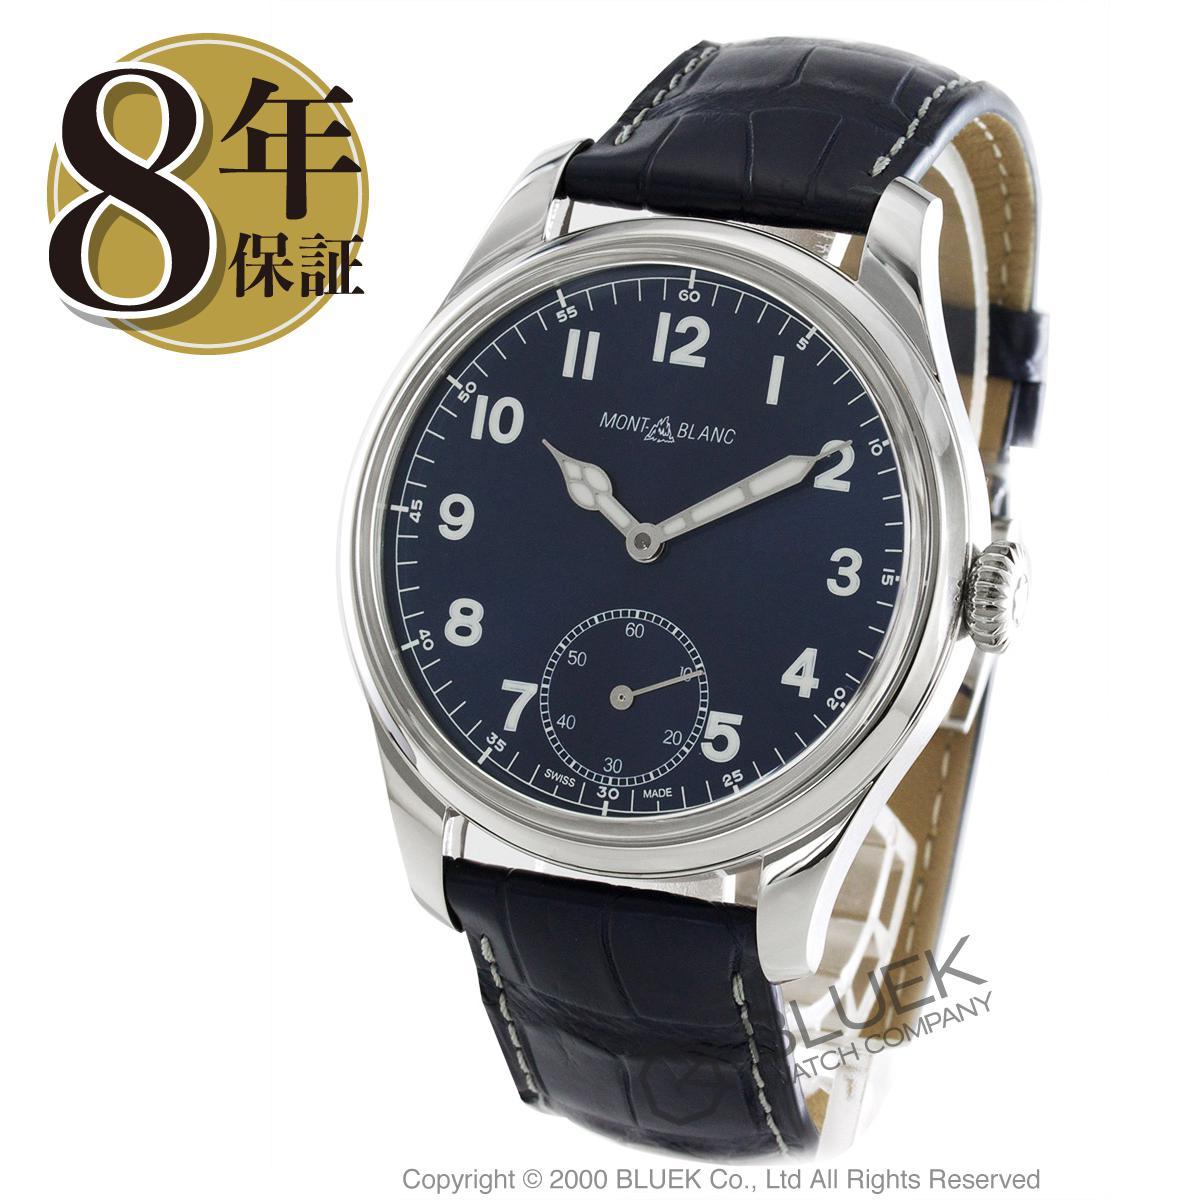 6bfbfed95e53 モンブラン1858アリゲーターレザー腕時計メンズMONTBLANC113702 ...